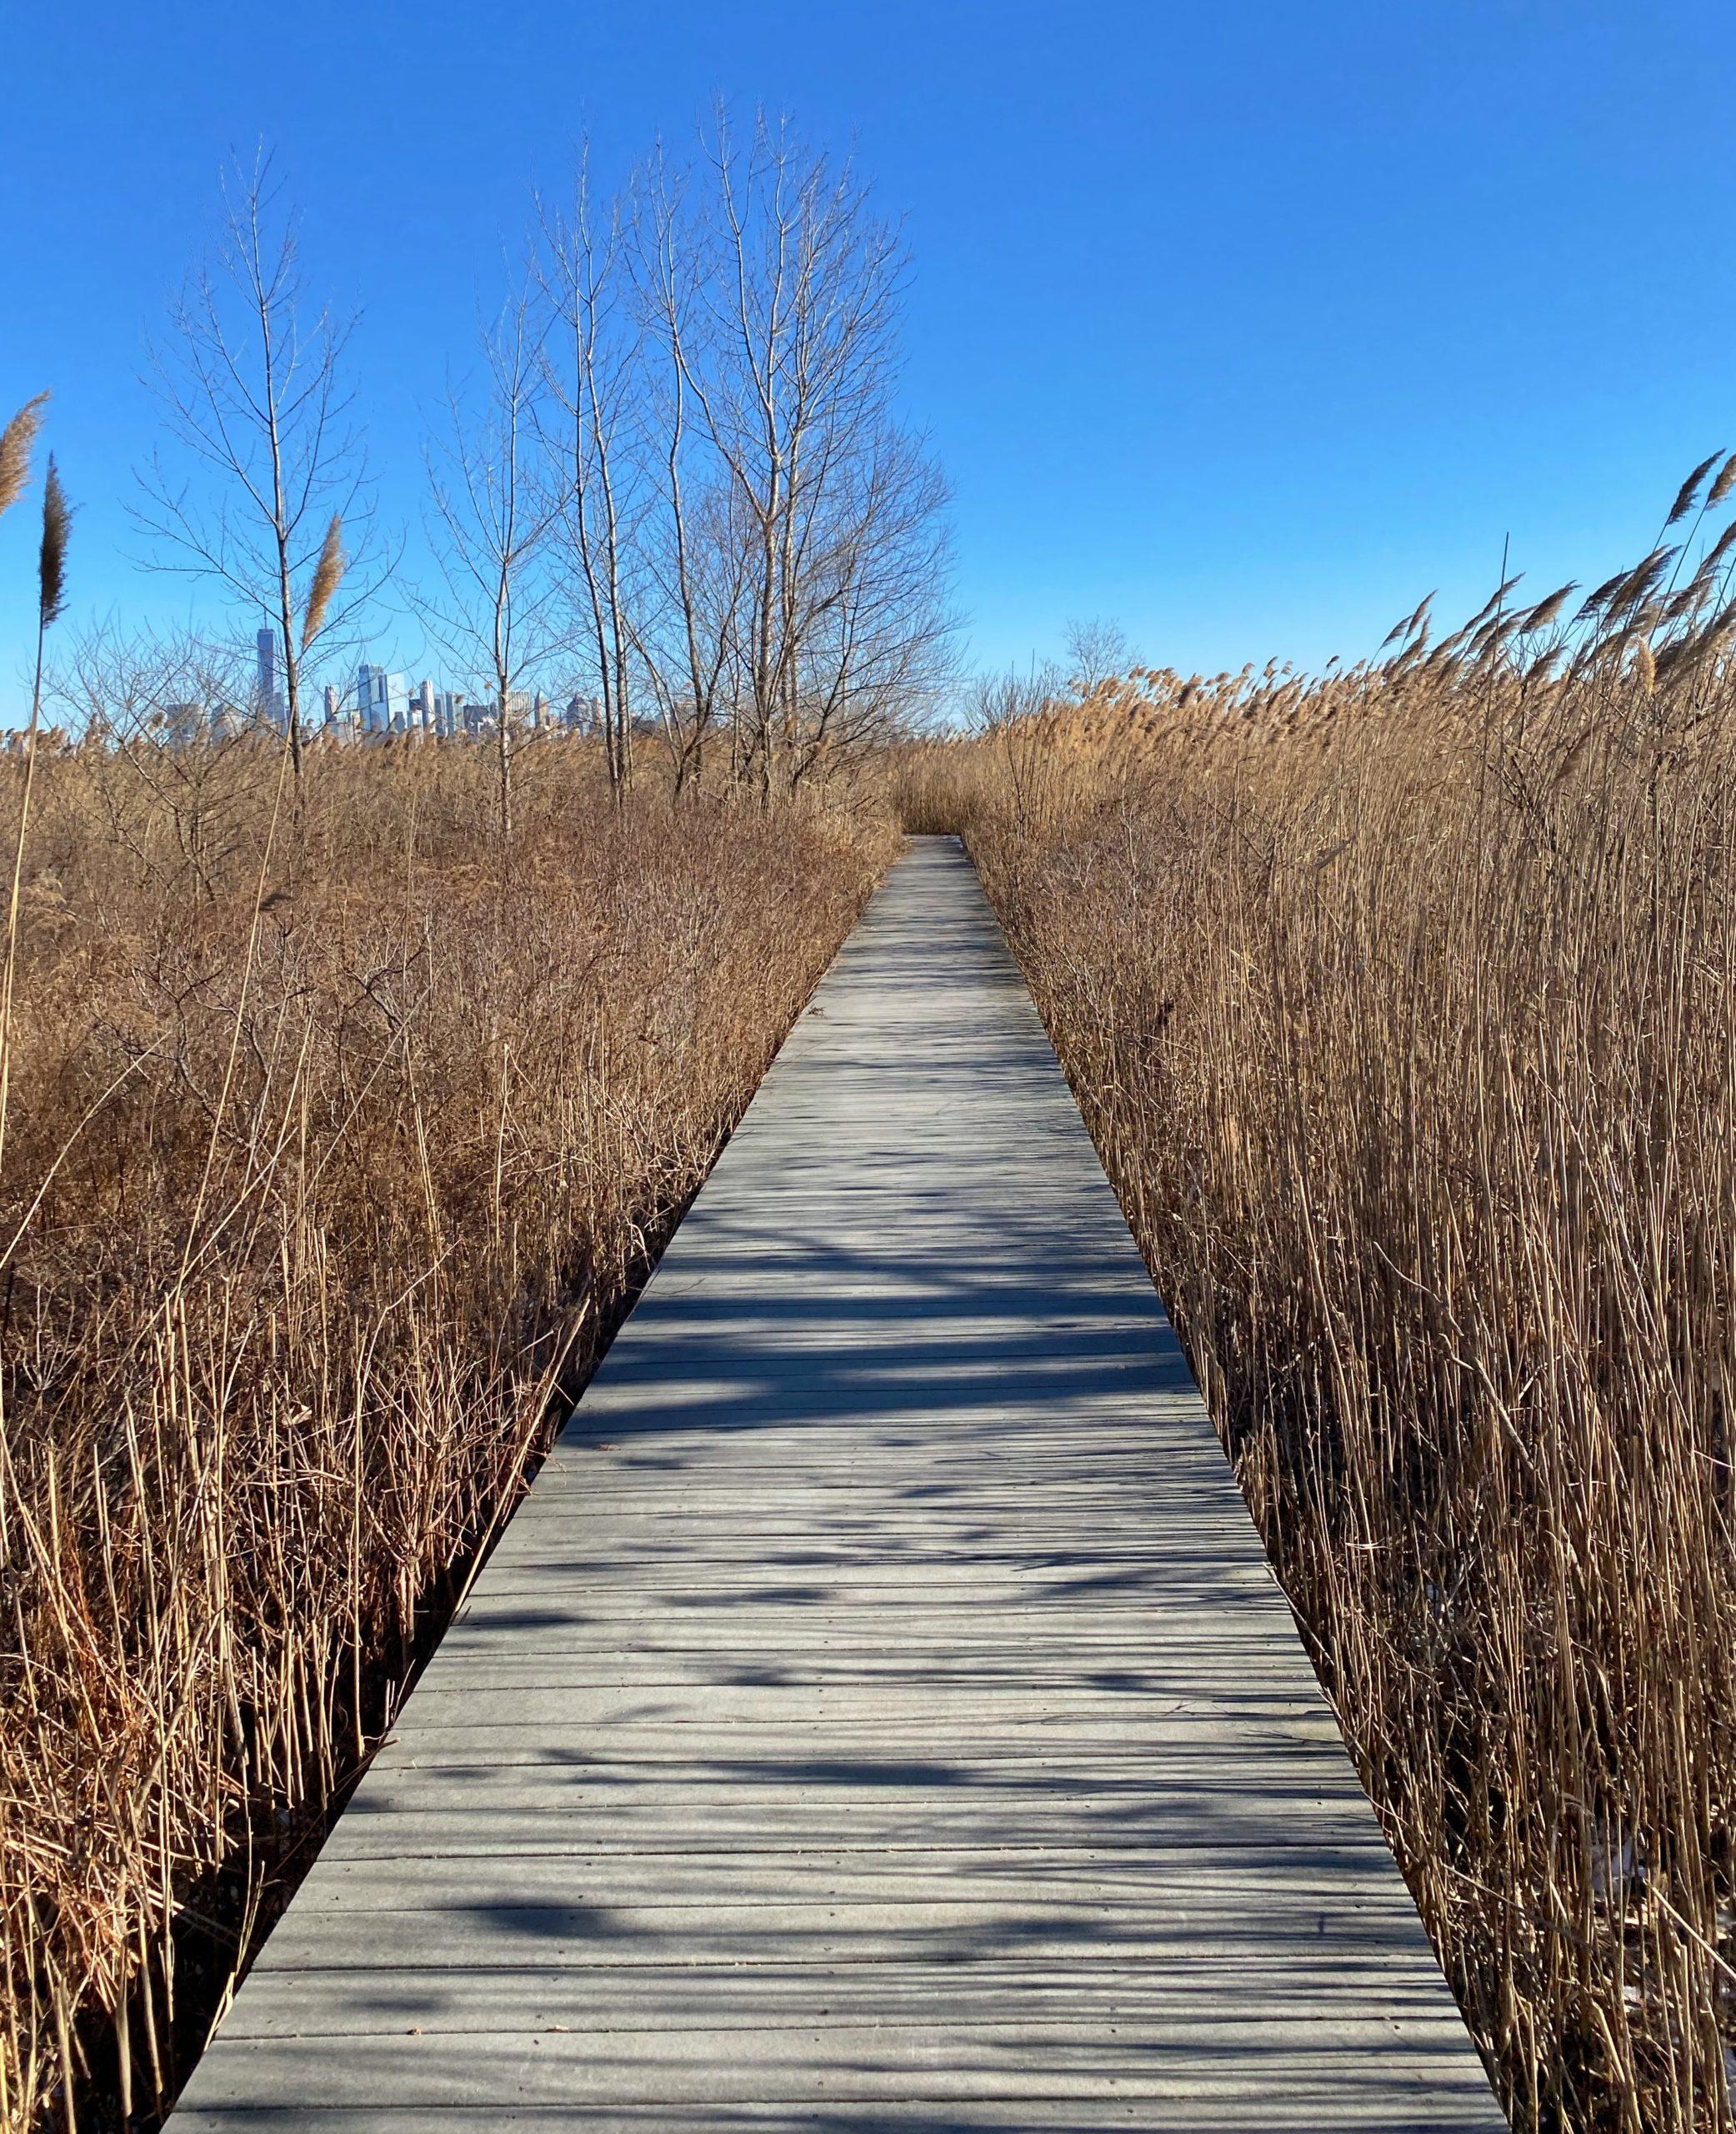 Caven Point boardwalk